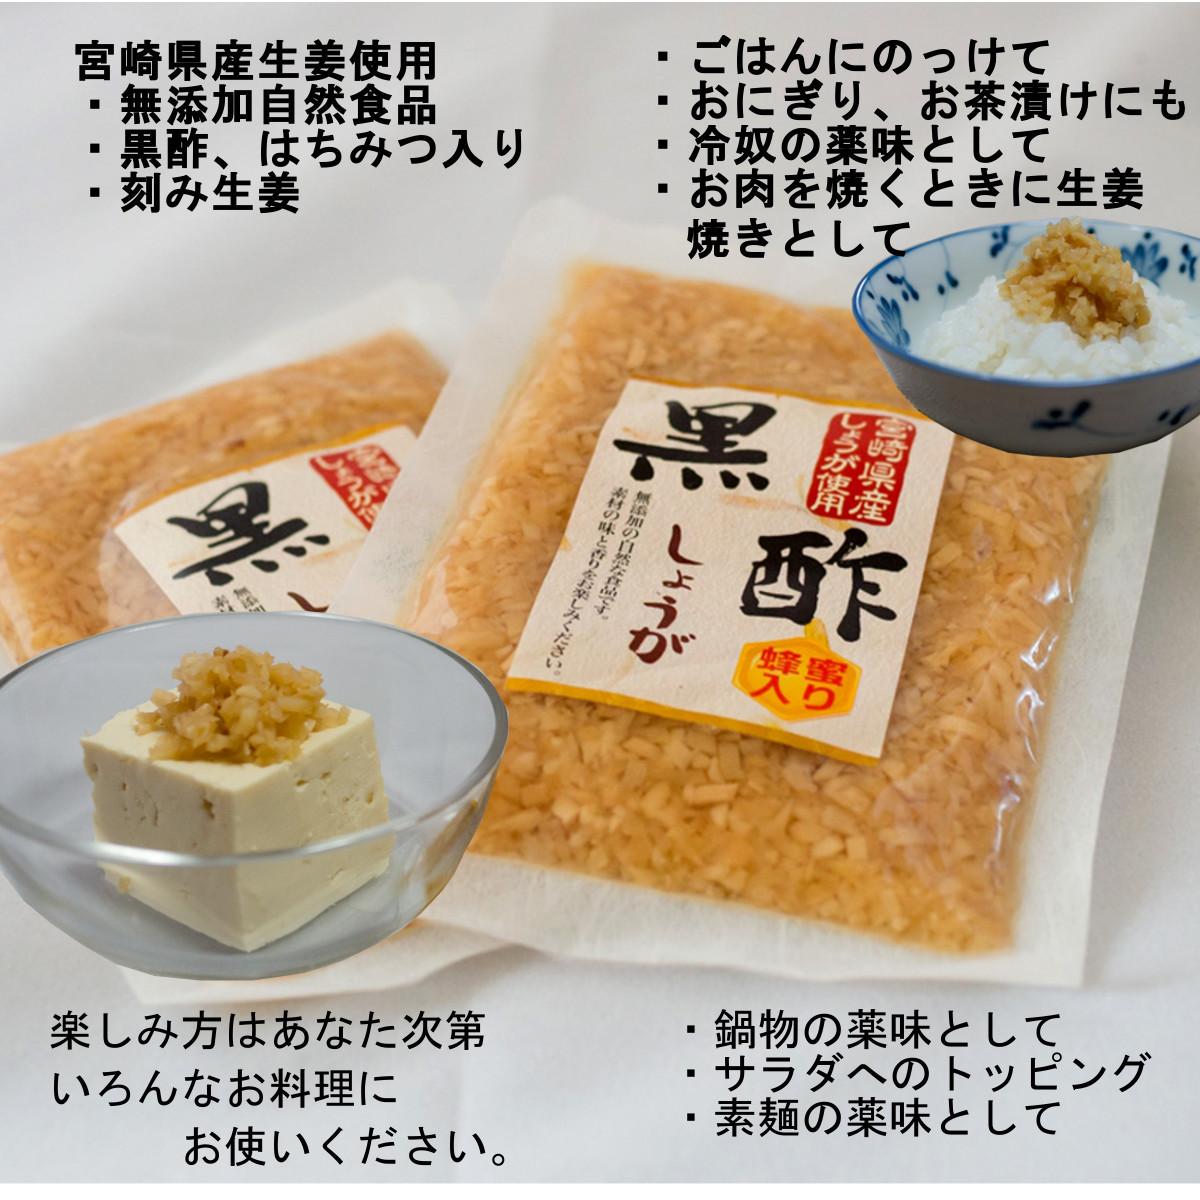 黒酢生姜・蜂蜜入り 20袋 ご飯のお供 色んな料理の薬味 付け合わせに おつまみに おかずに 宮崎県産 生姜使用 送料無料_画像4